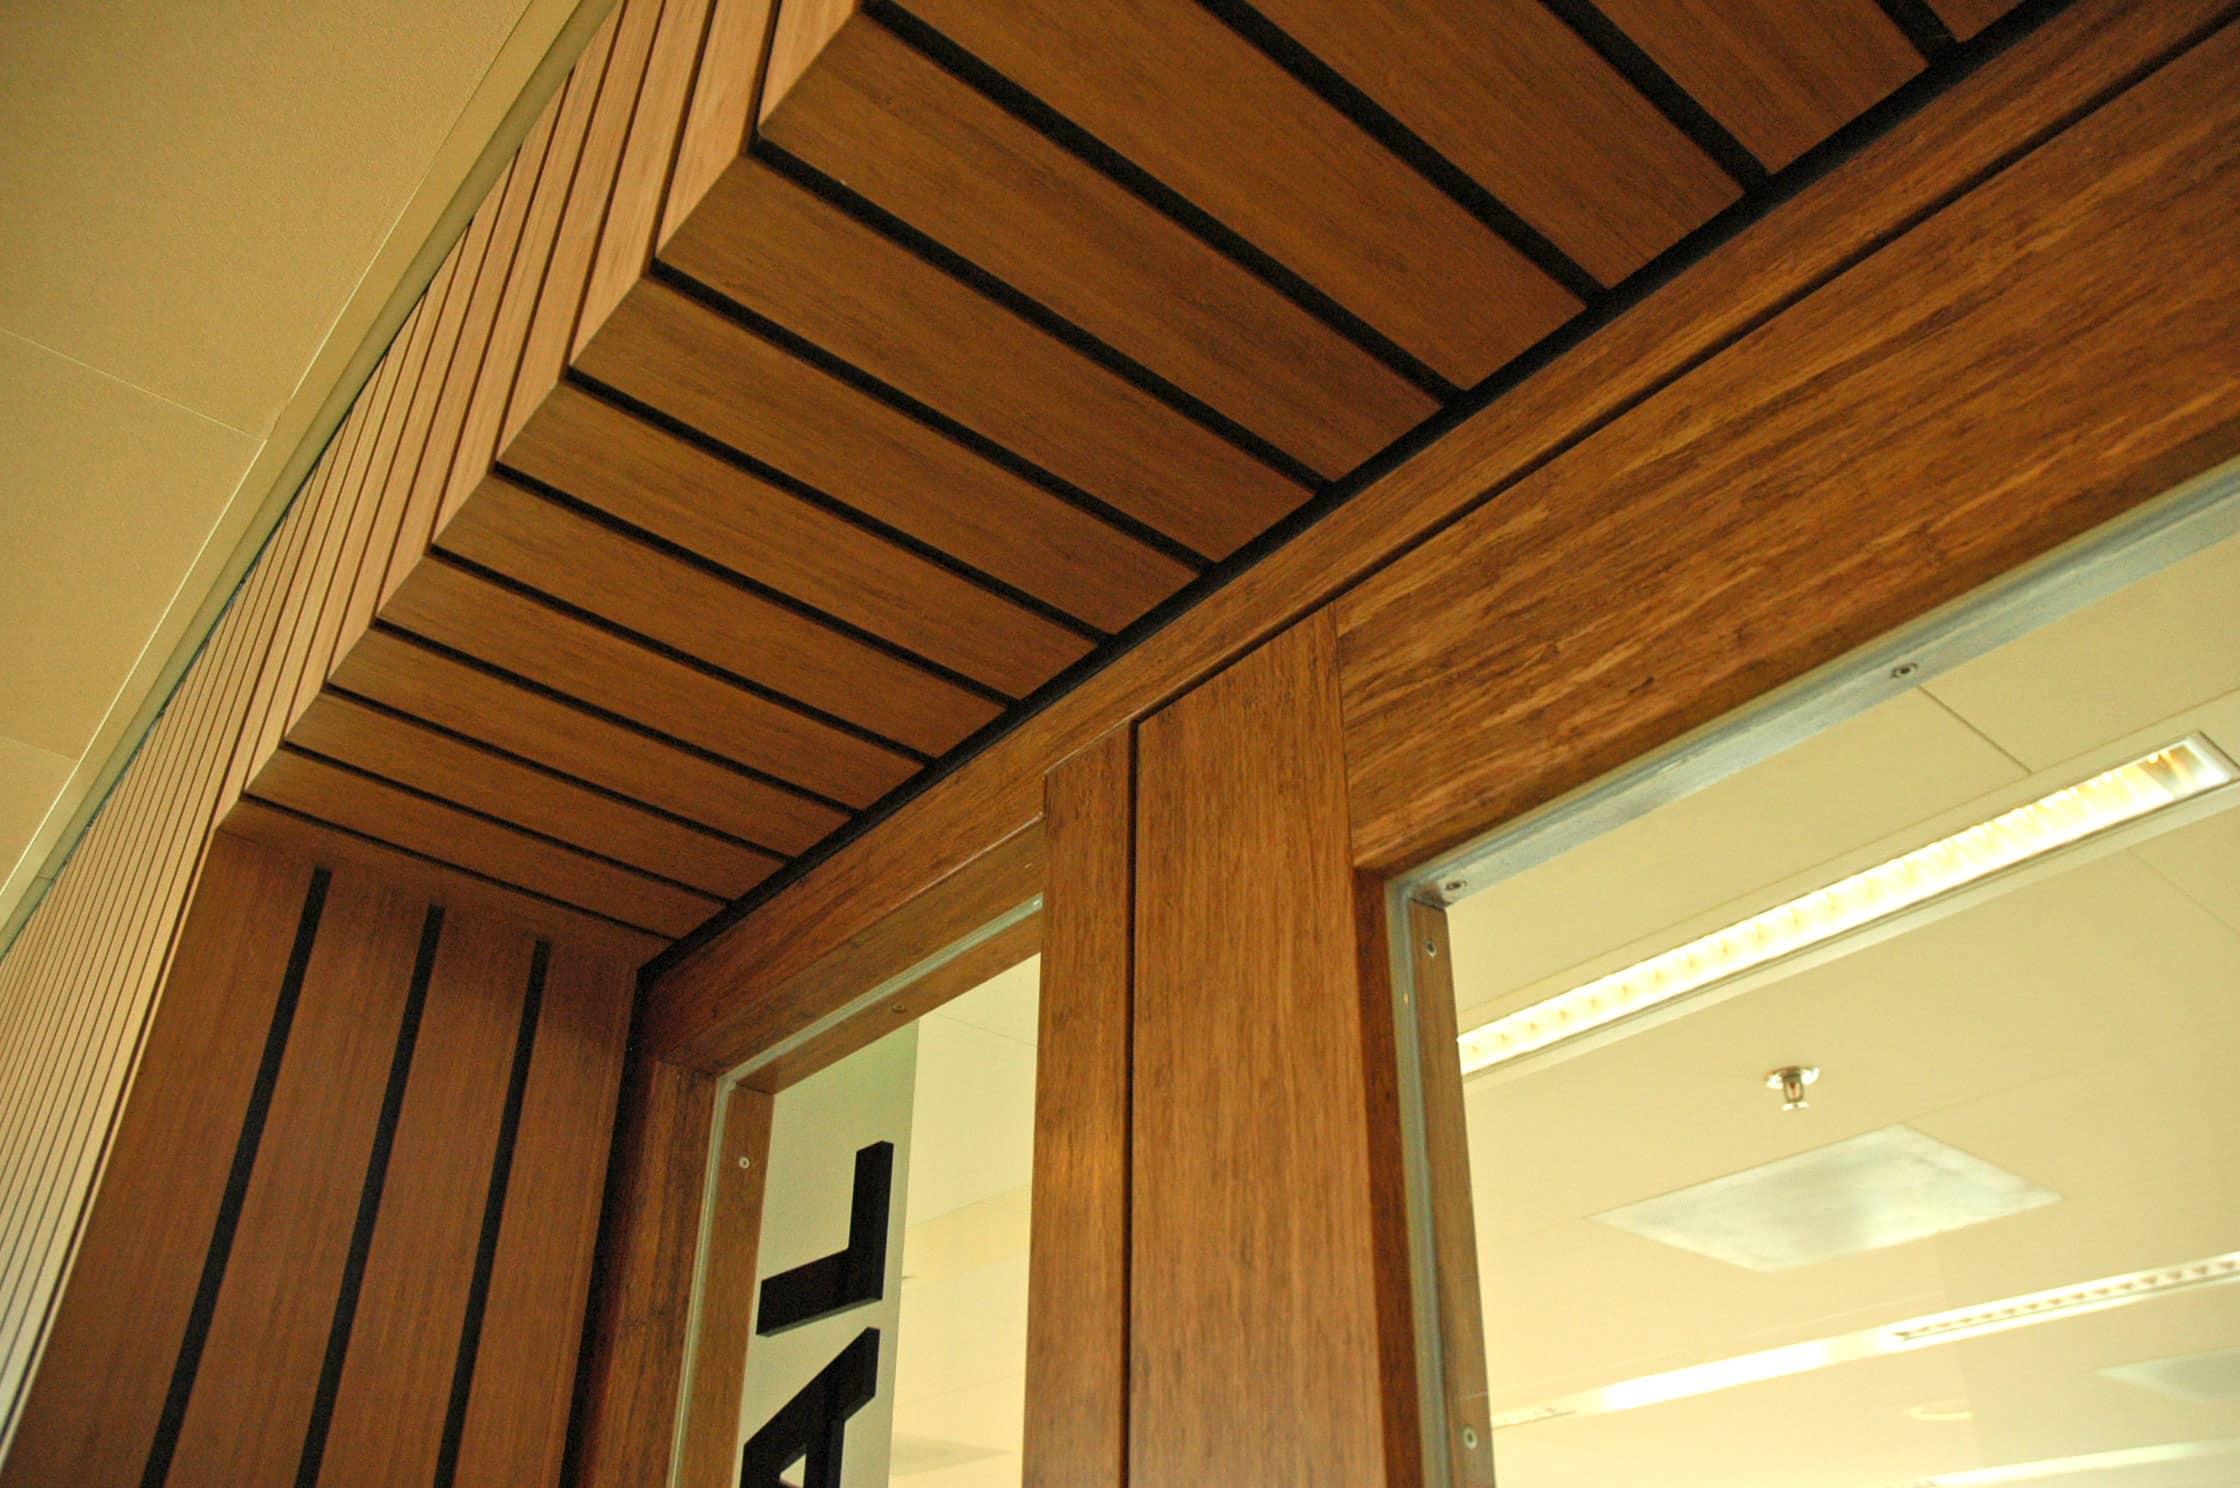 KOSA-bamboo-frames-min.jpg